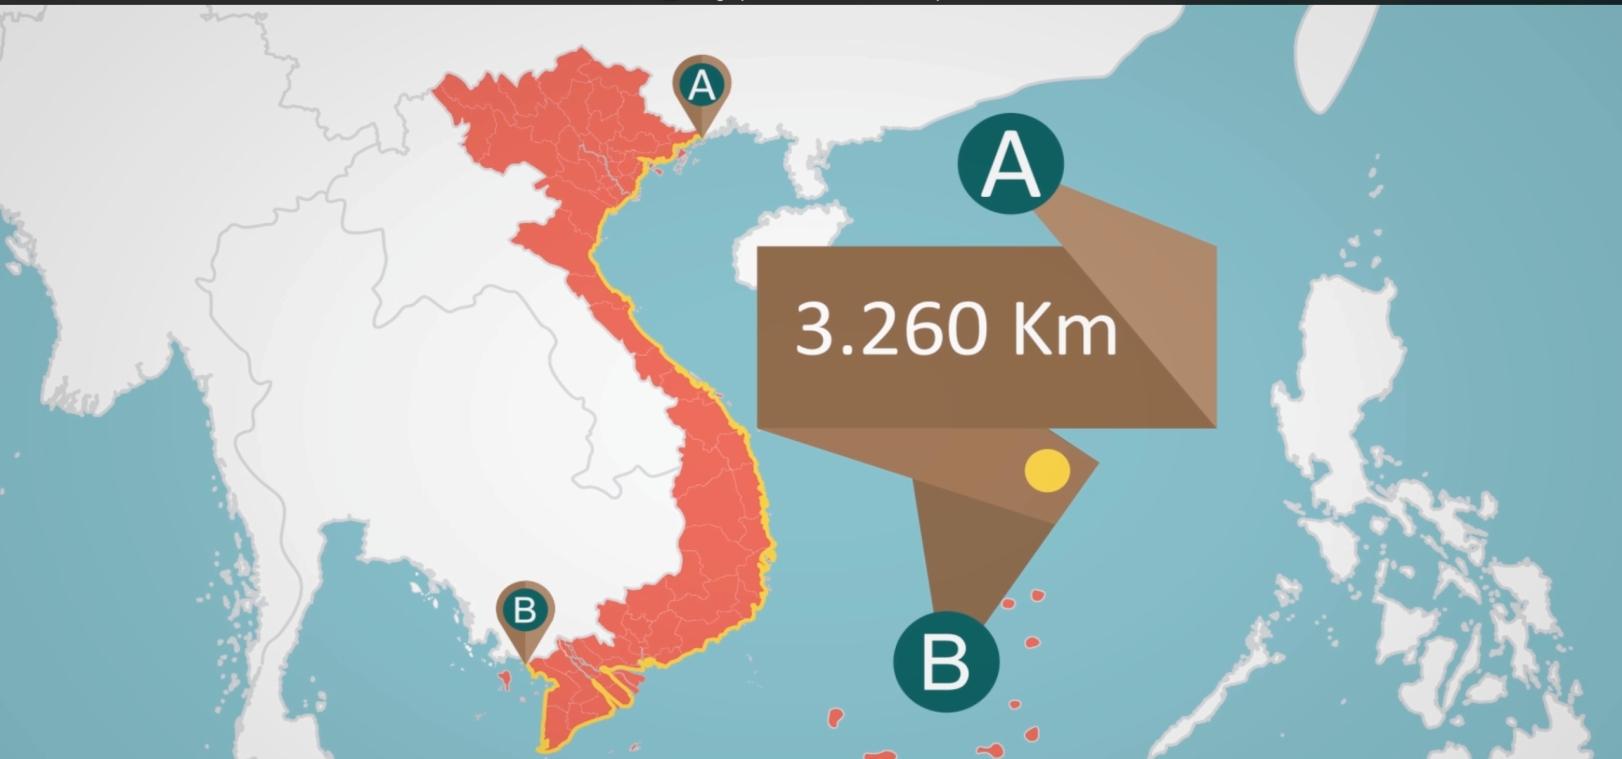 Việt Nam phấn đấu trở thành quốc gia mạnh từ biển, làm giàu từ biển, đảm bảo vững chắc chủ quyền biên giới quốc gia trên biển